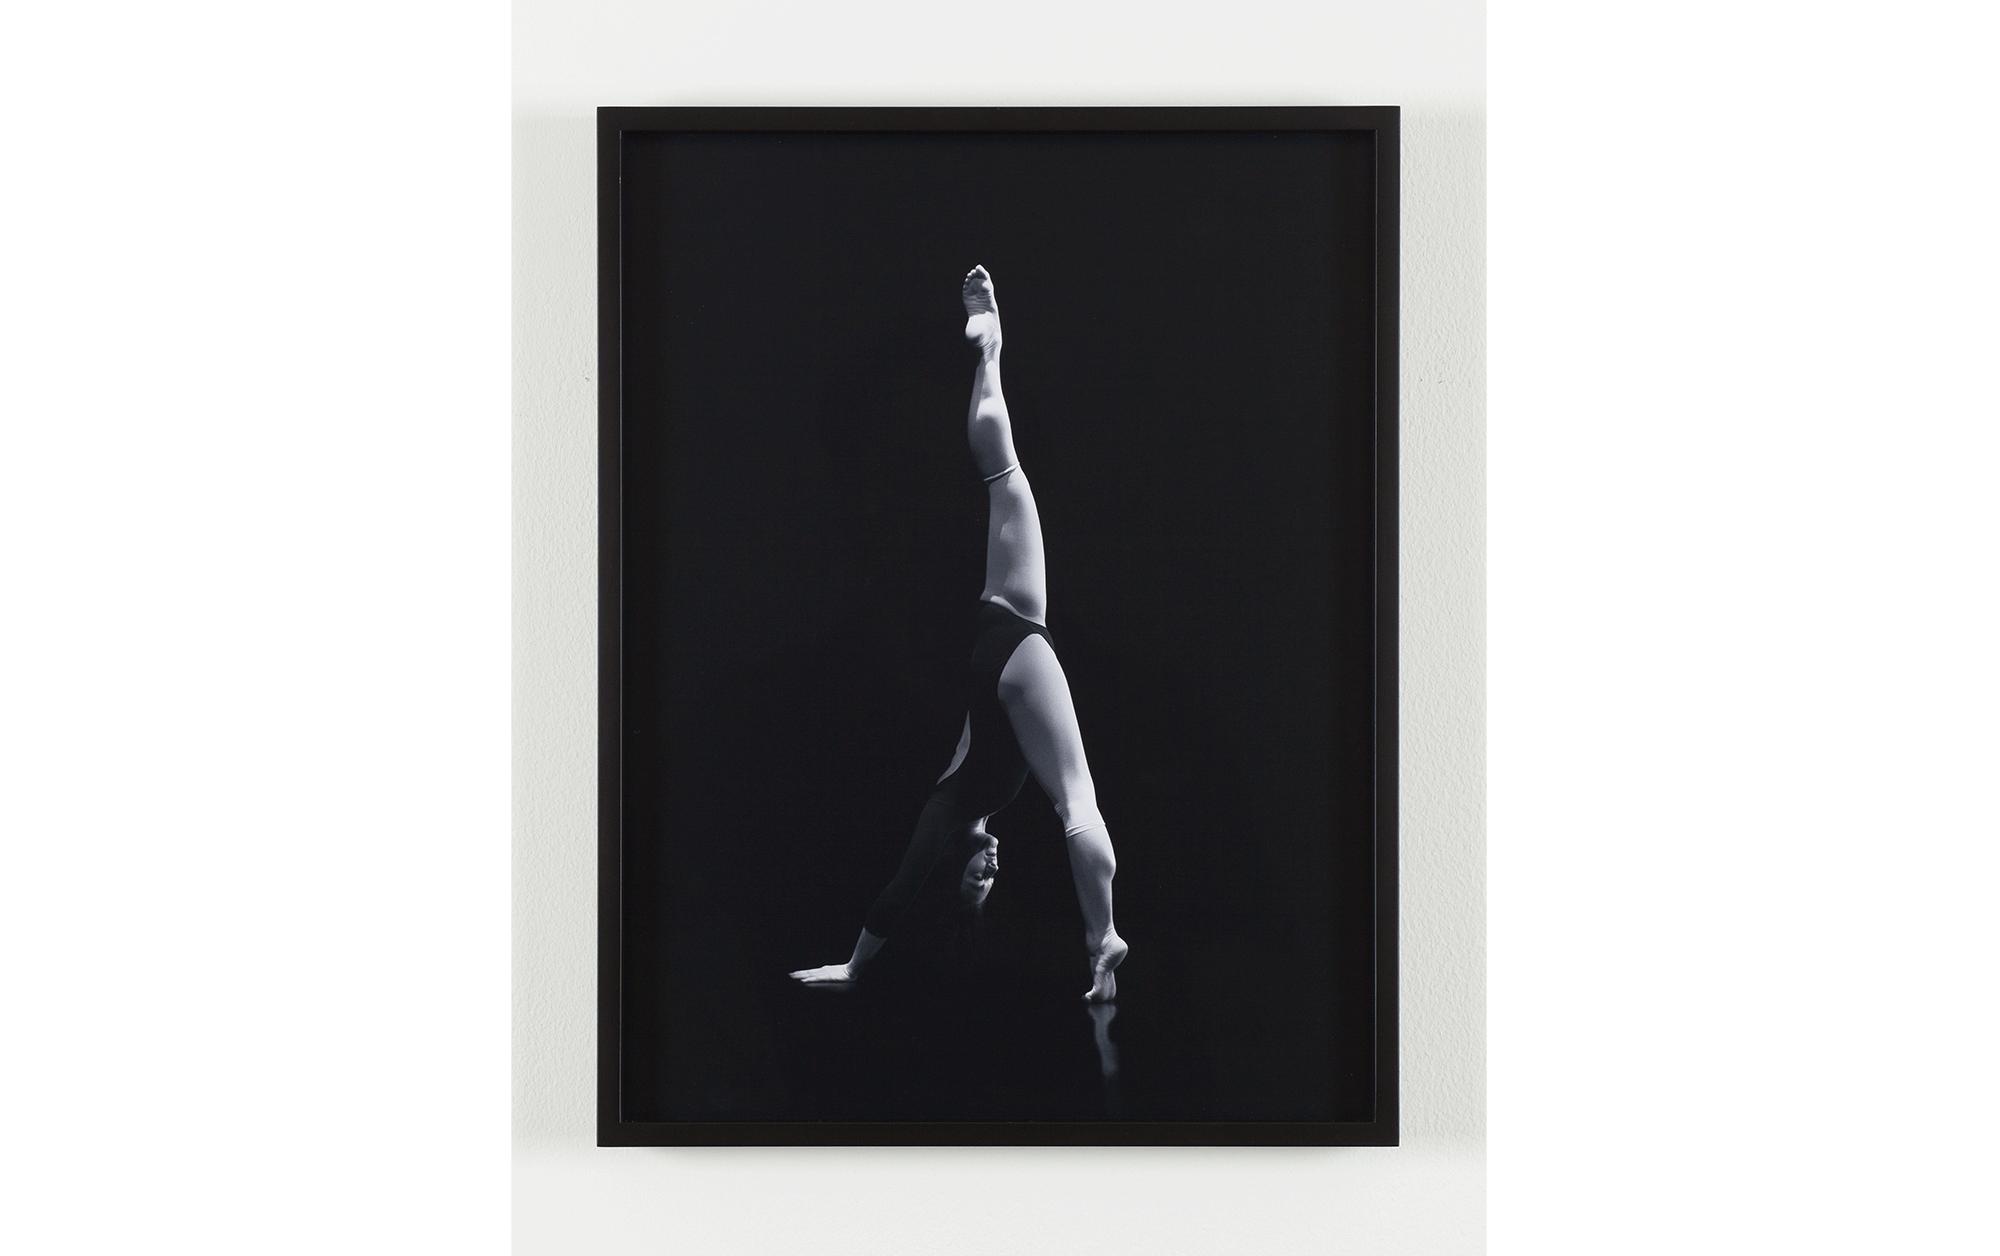 連載 シャーロット・コットンの「続・現代写真論」第1回  写真の彫刻的体験 | Sara VanDerBeek Baltimore Dancers One, 2012 digital C-print 40.6 x 31.1cm Courtesy The Approach, London